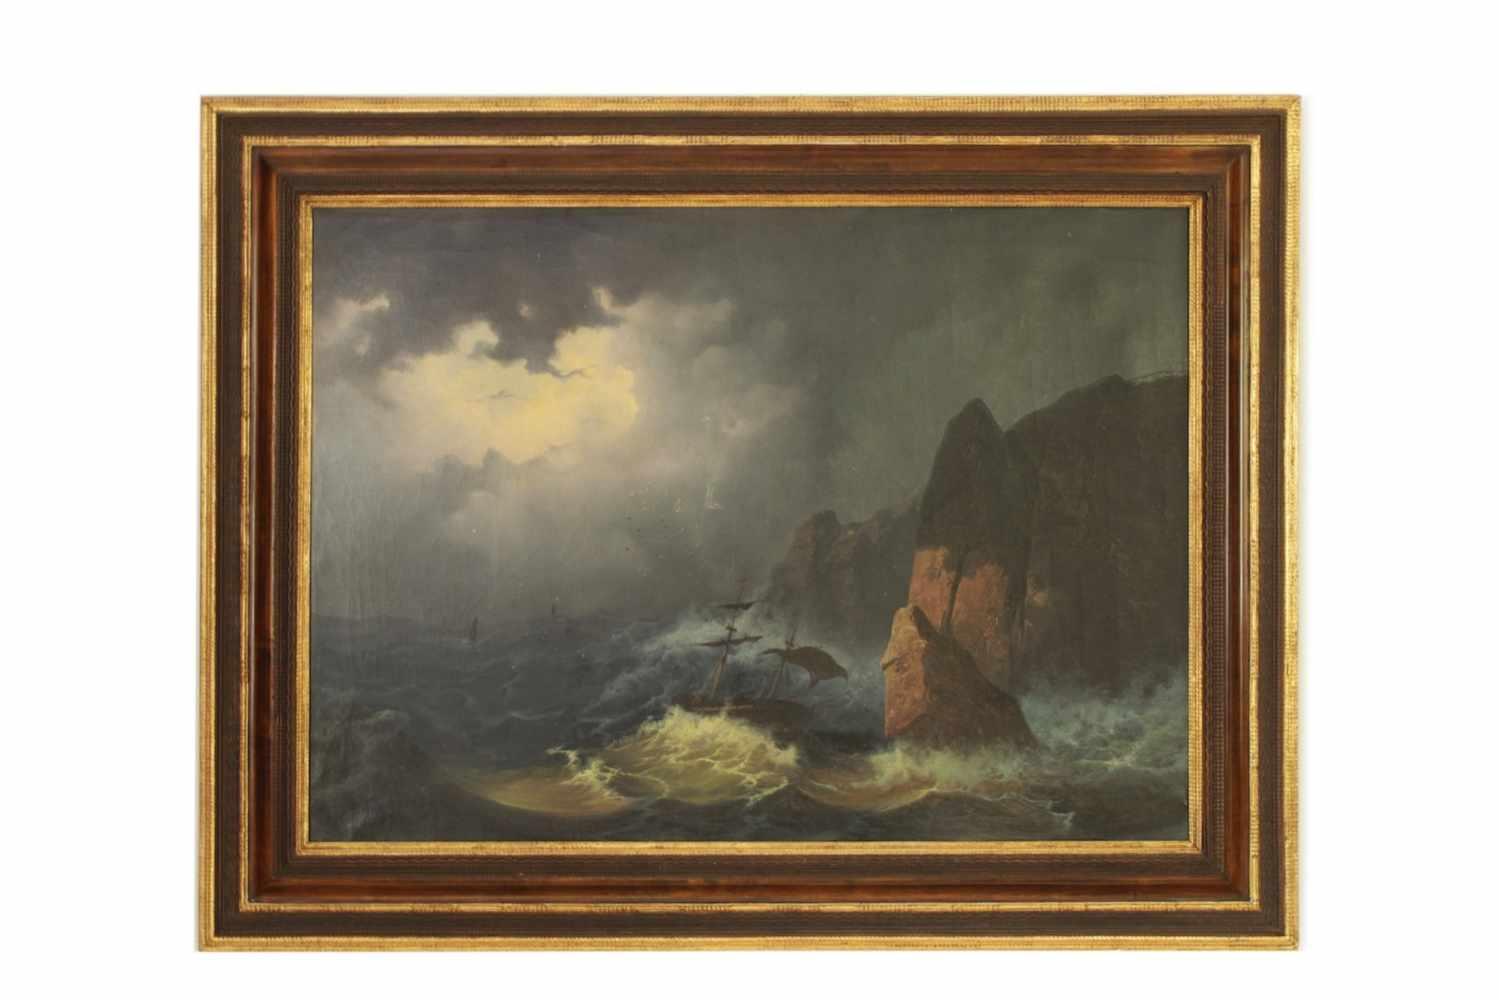 SCHIFF BEI SCHWEREM SEEGANG Bildnis eines Schiffes bei sehr schwerem Seegang, Öl auf Leinwand, 98